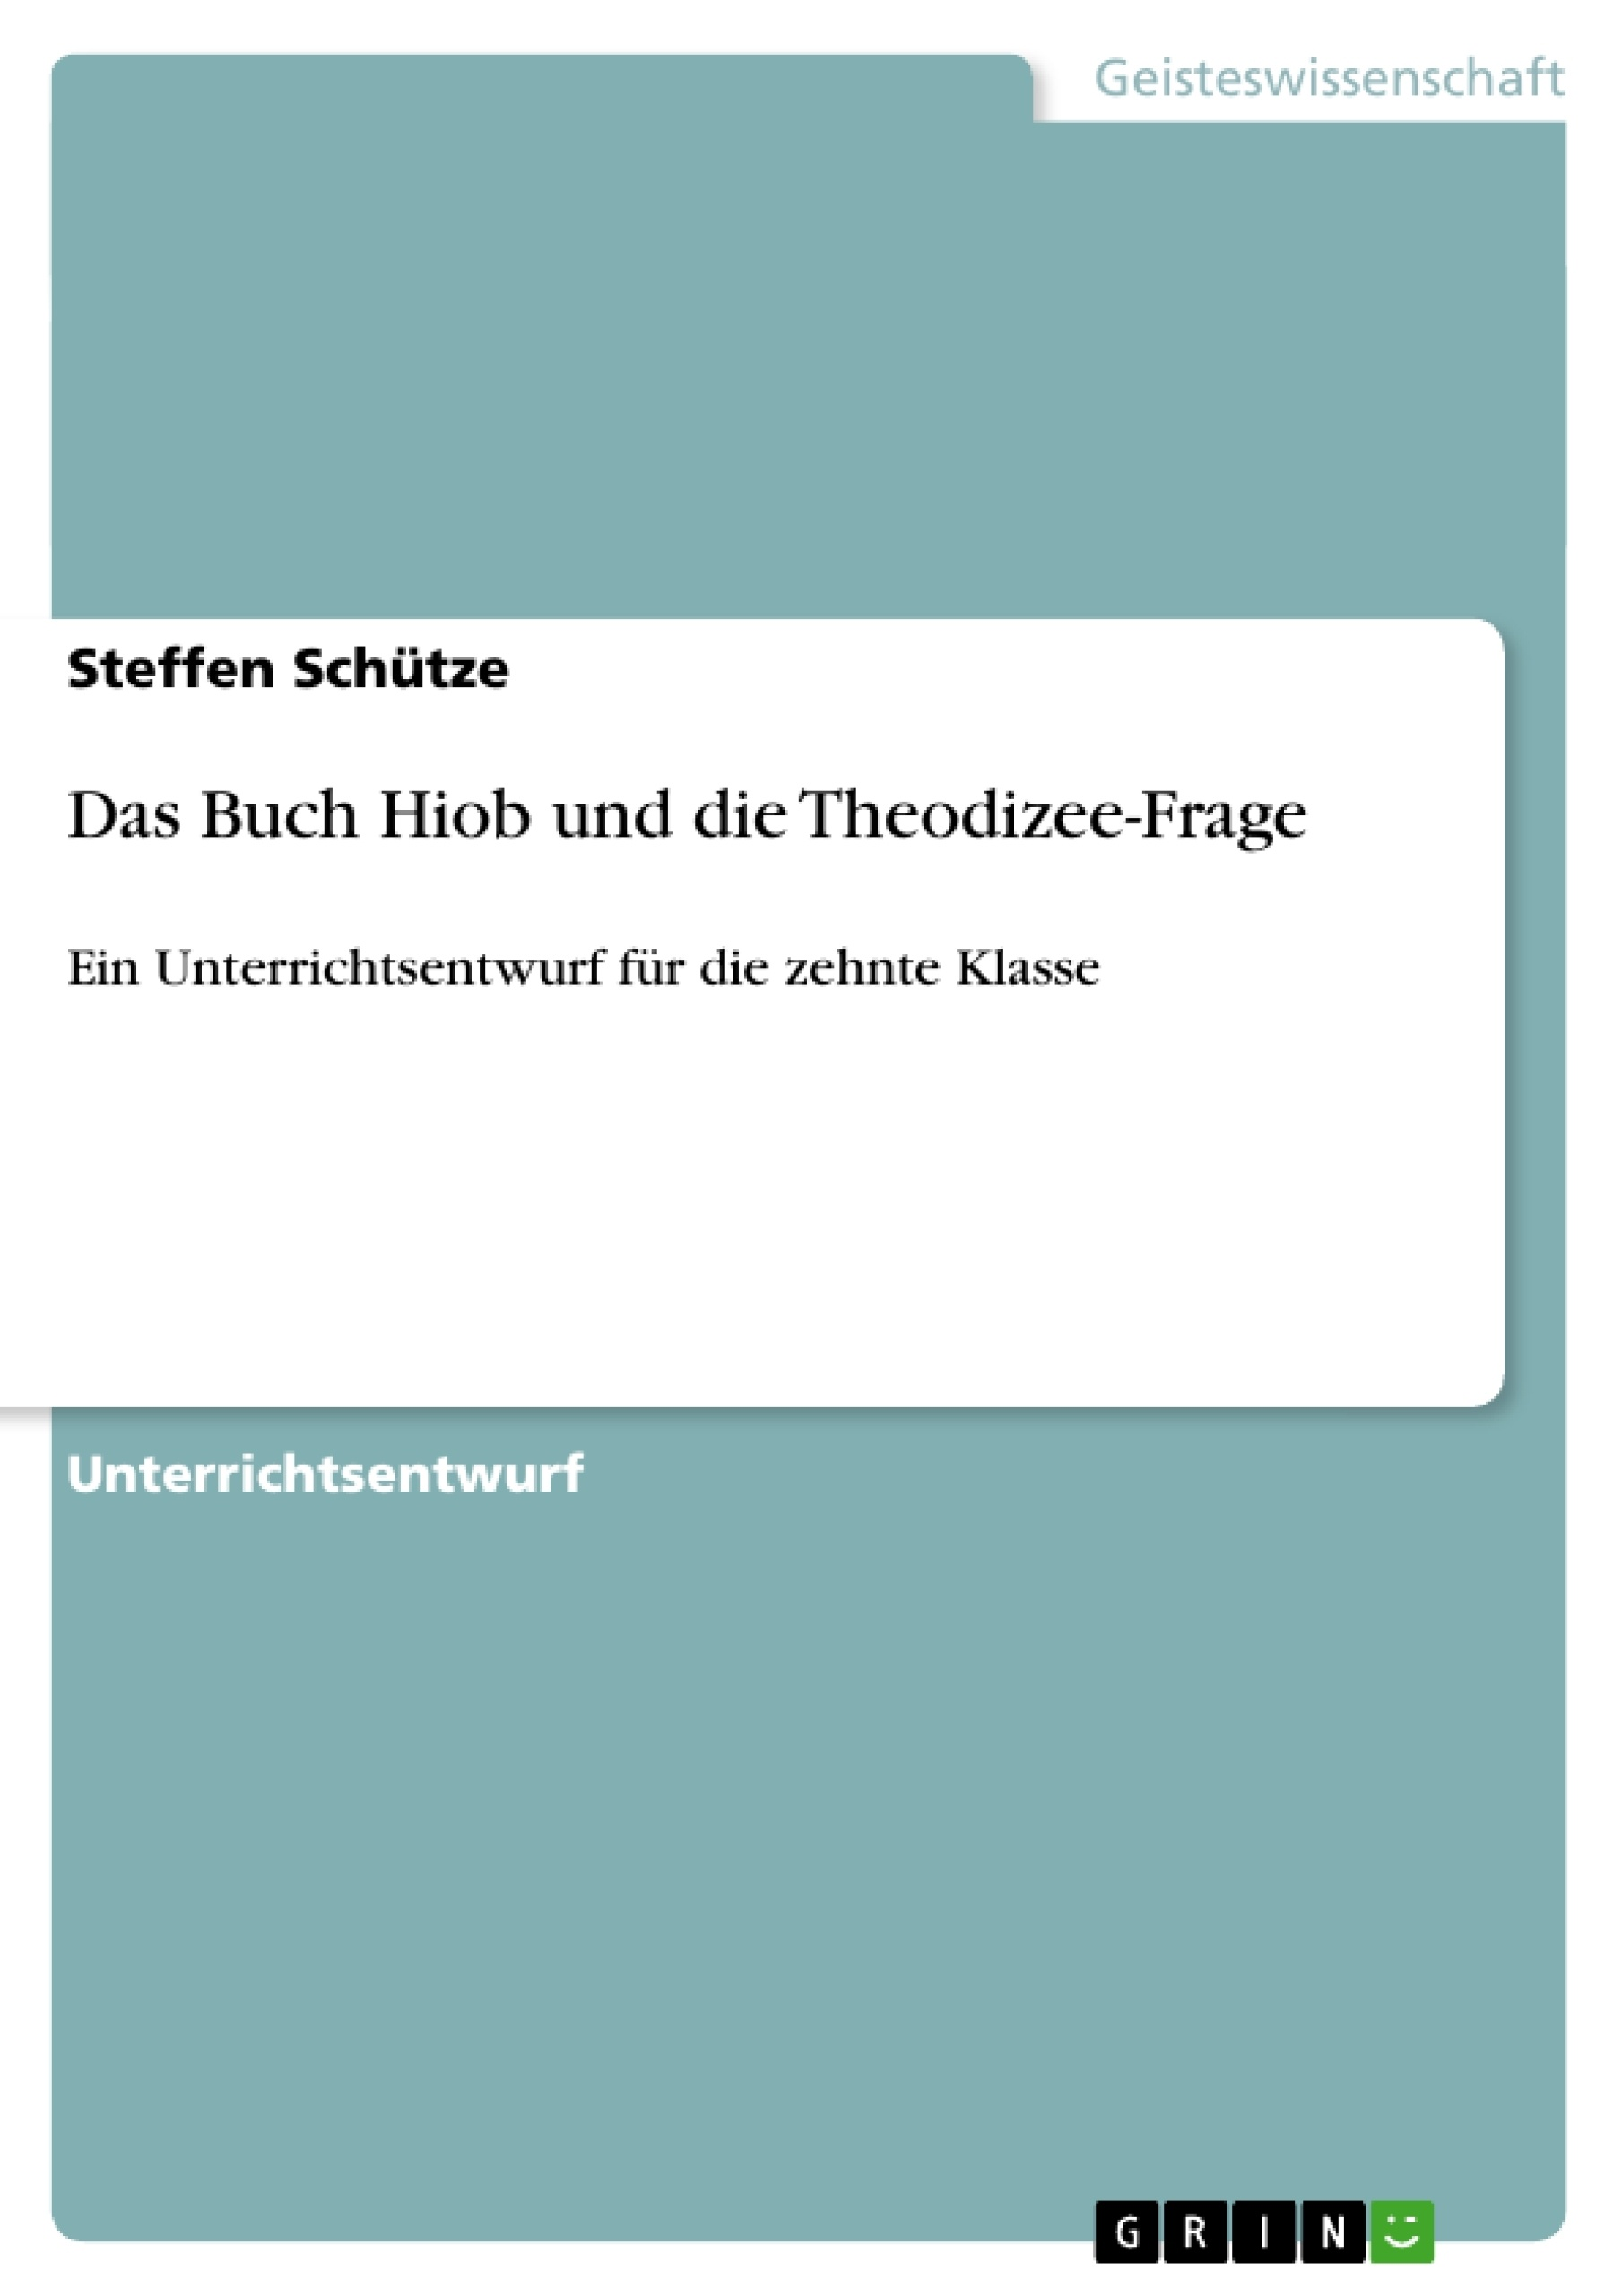 Titel: Das Buch Hiob und die Theodizee-Frage